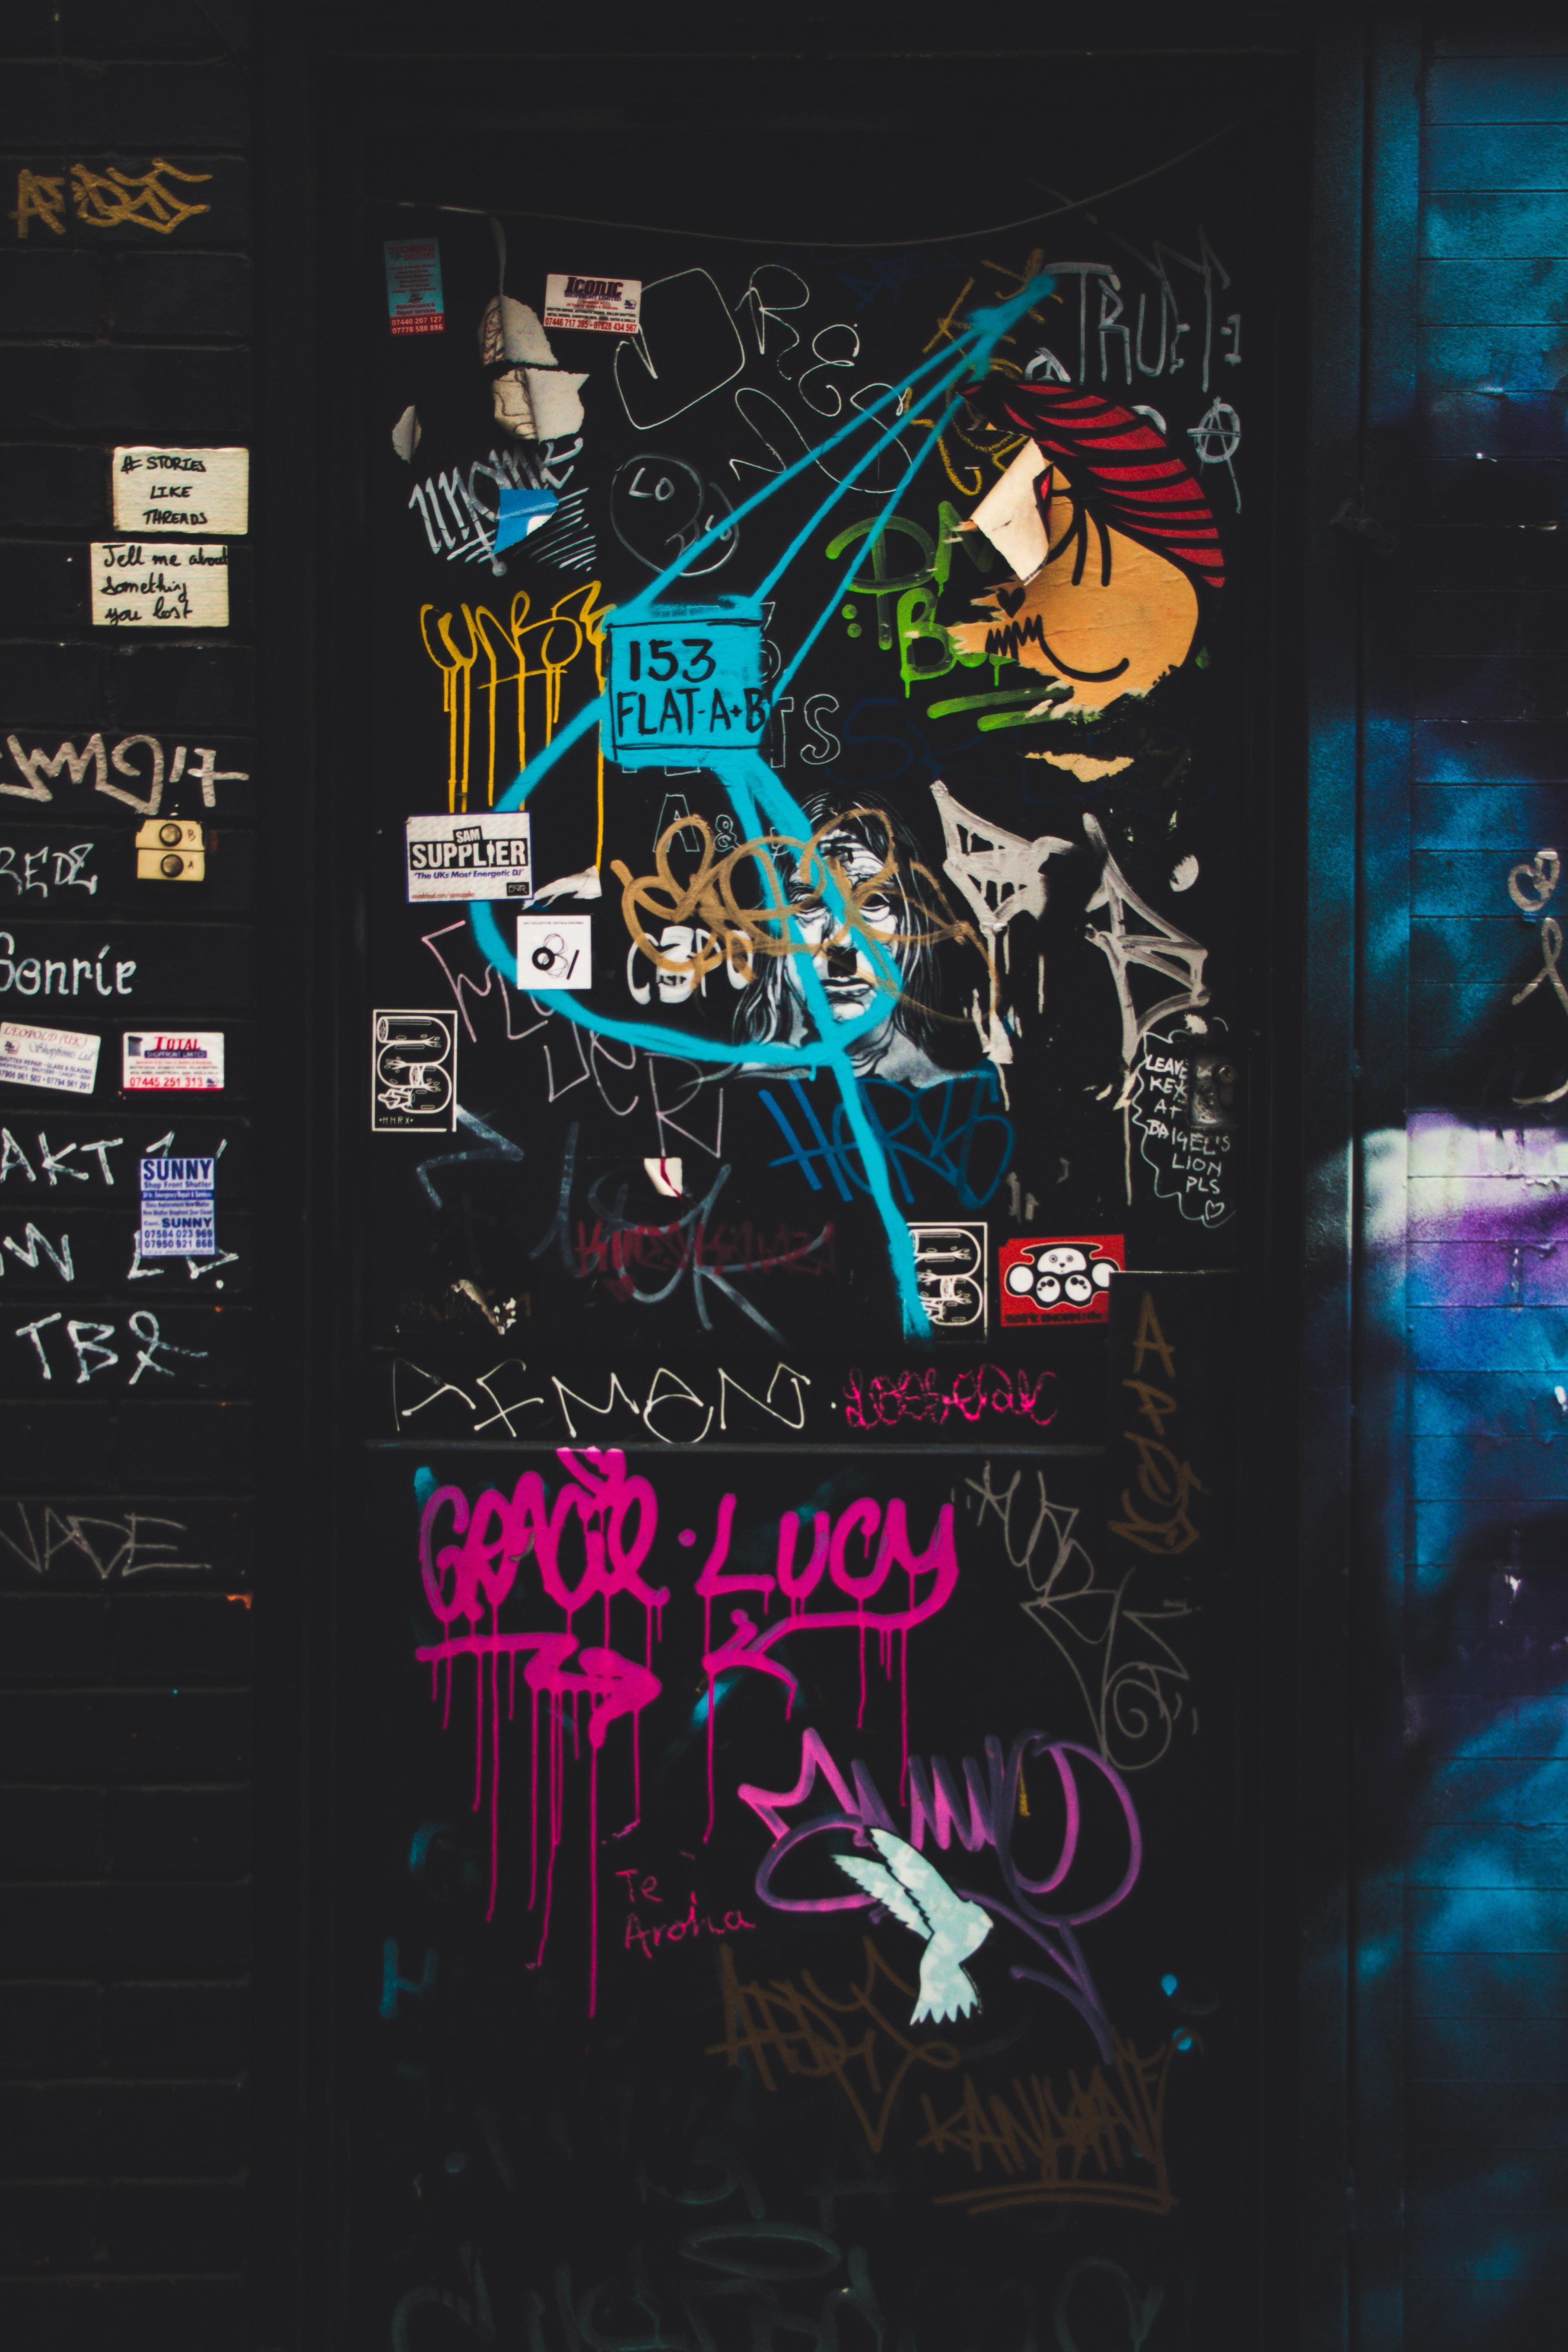 Graffiti Wallpapers: Free HD Download [500+ HQ]  Unsplash